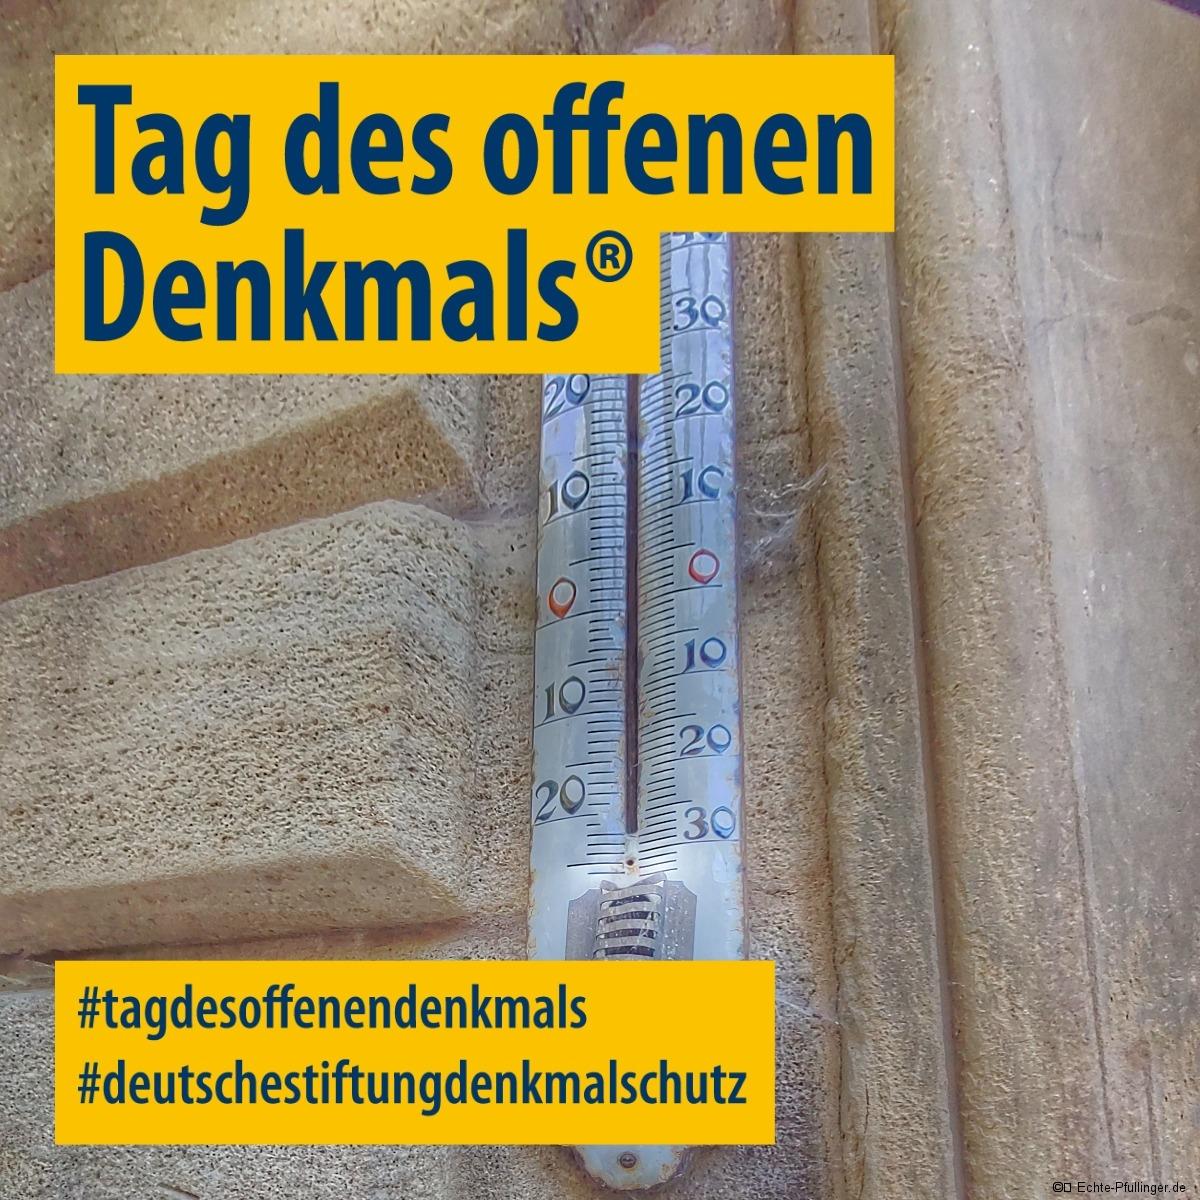 IMG_20210902_142327508-01-tag_des_offenen_denkmals-facebook